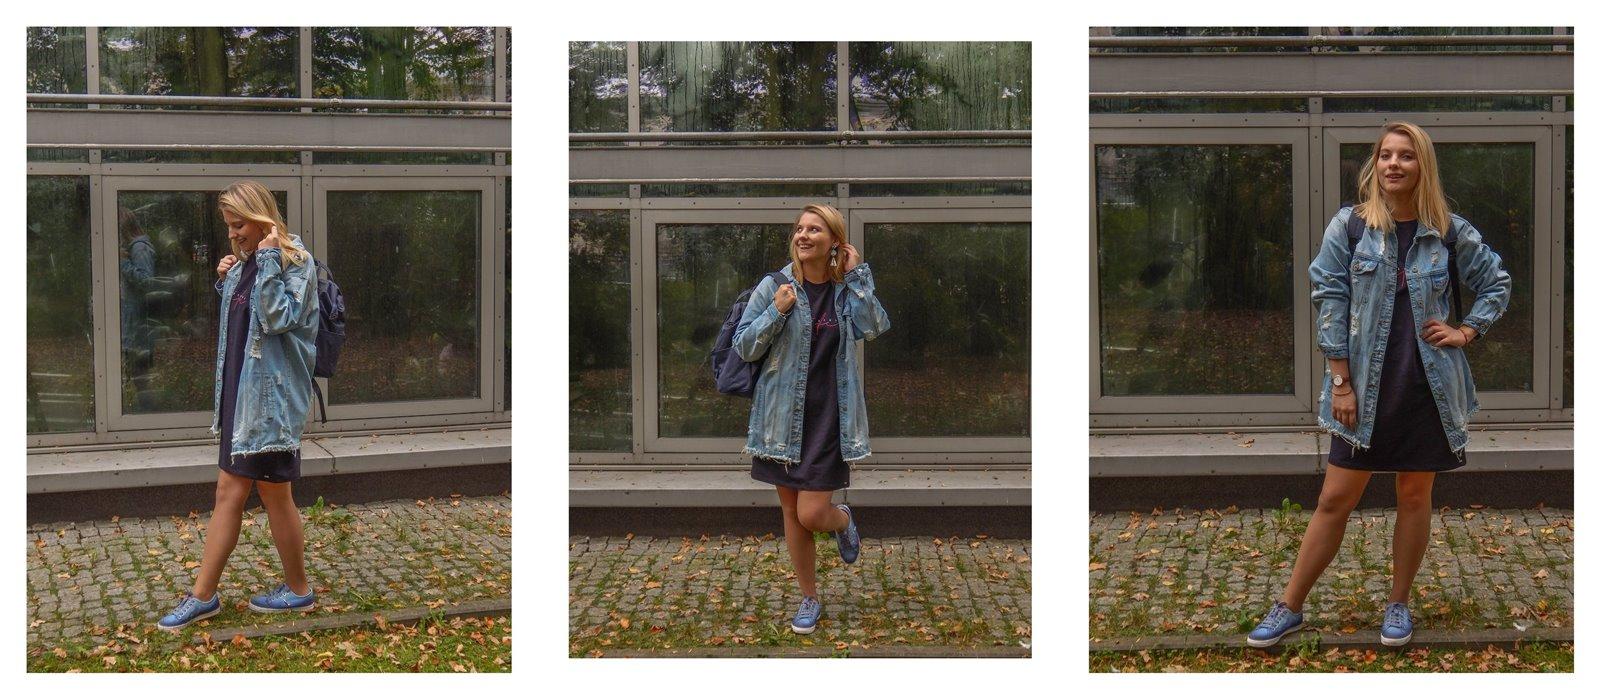 2A volcano sportowe sukienki dla dorosłych dzieci jesienne stylizacje do pracy do szkoły na uczelnię blondynka blog łódź moda styl lifestyle blogerki z łodzi współpraca blog pasja